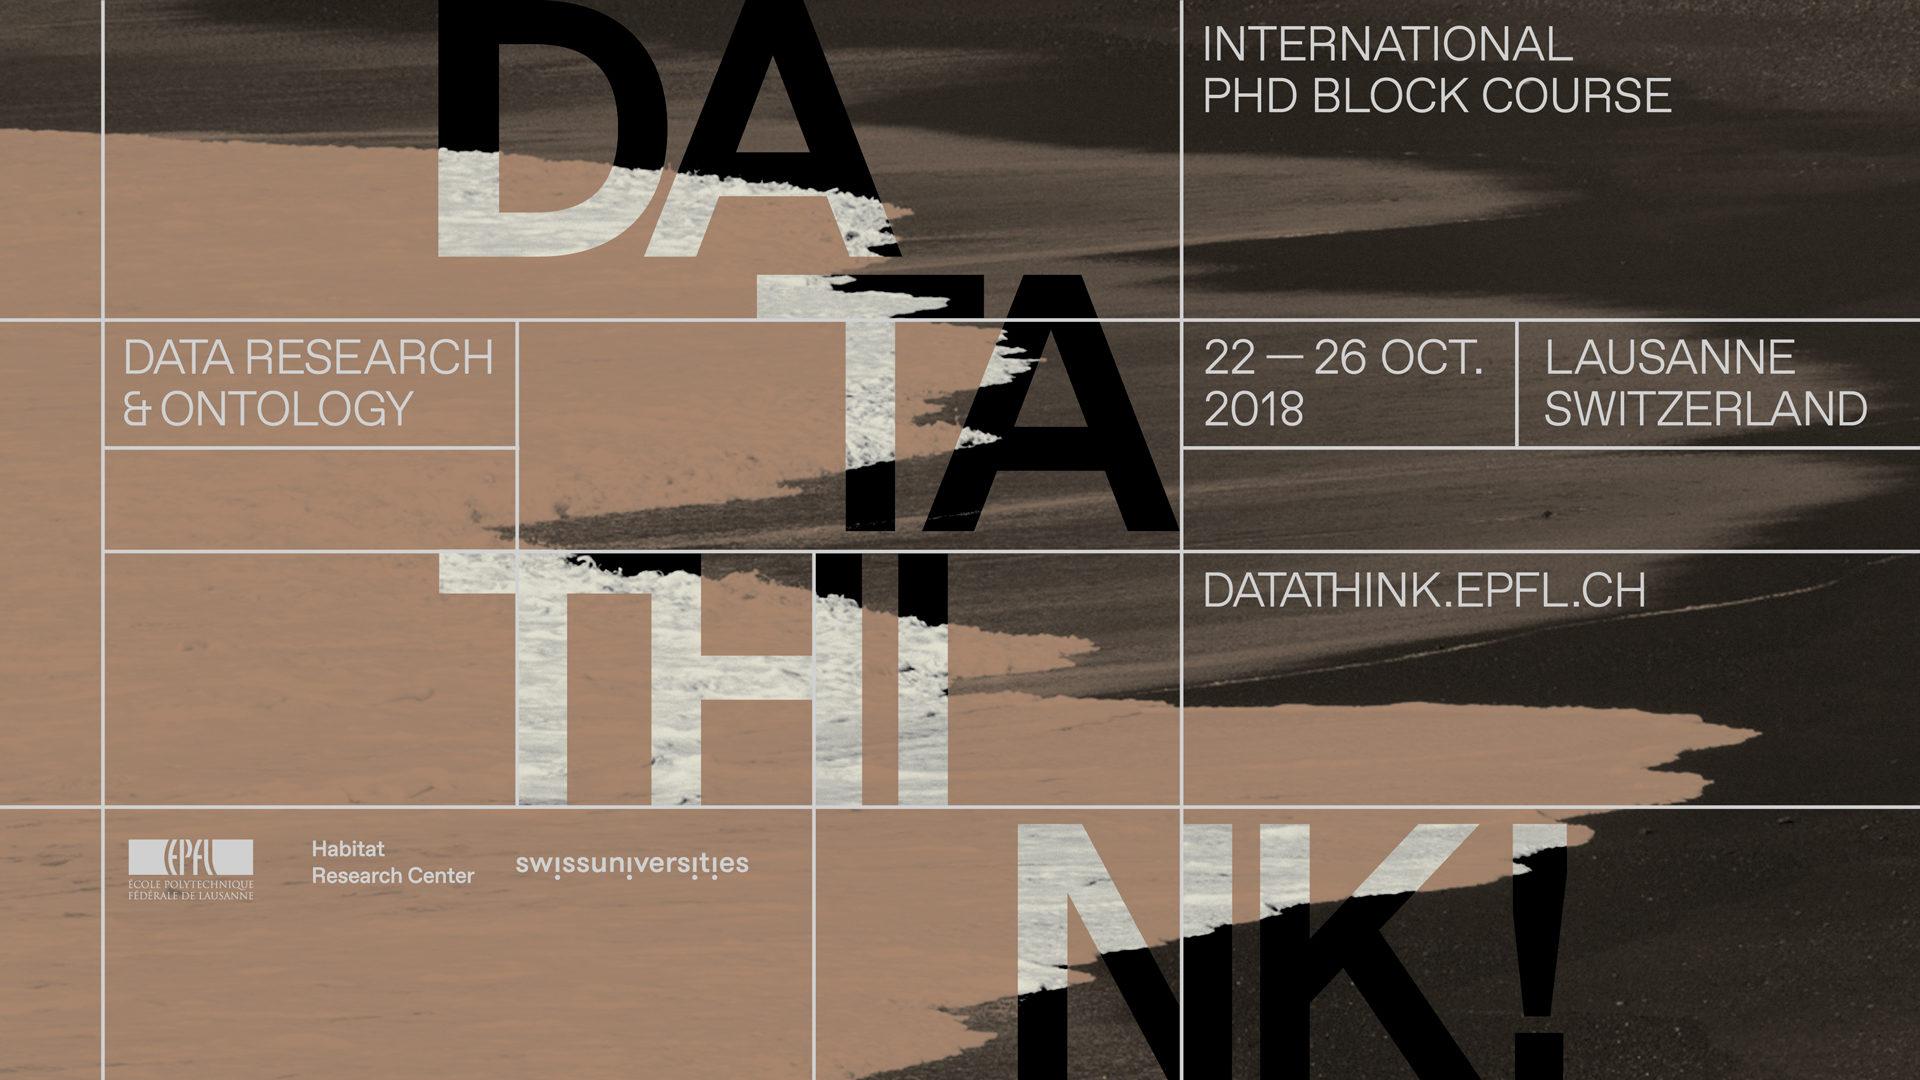 DataThink - Avalanche